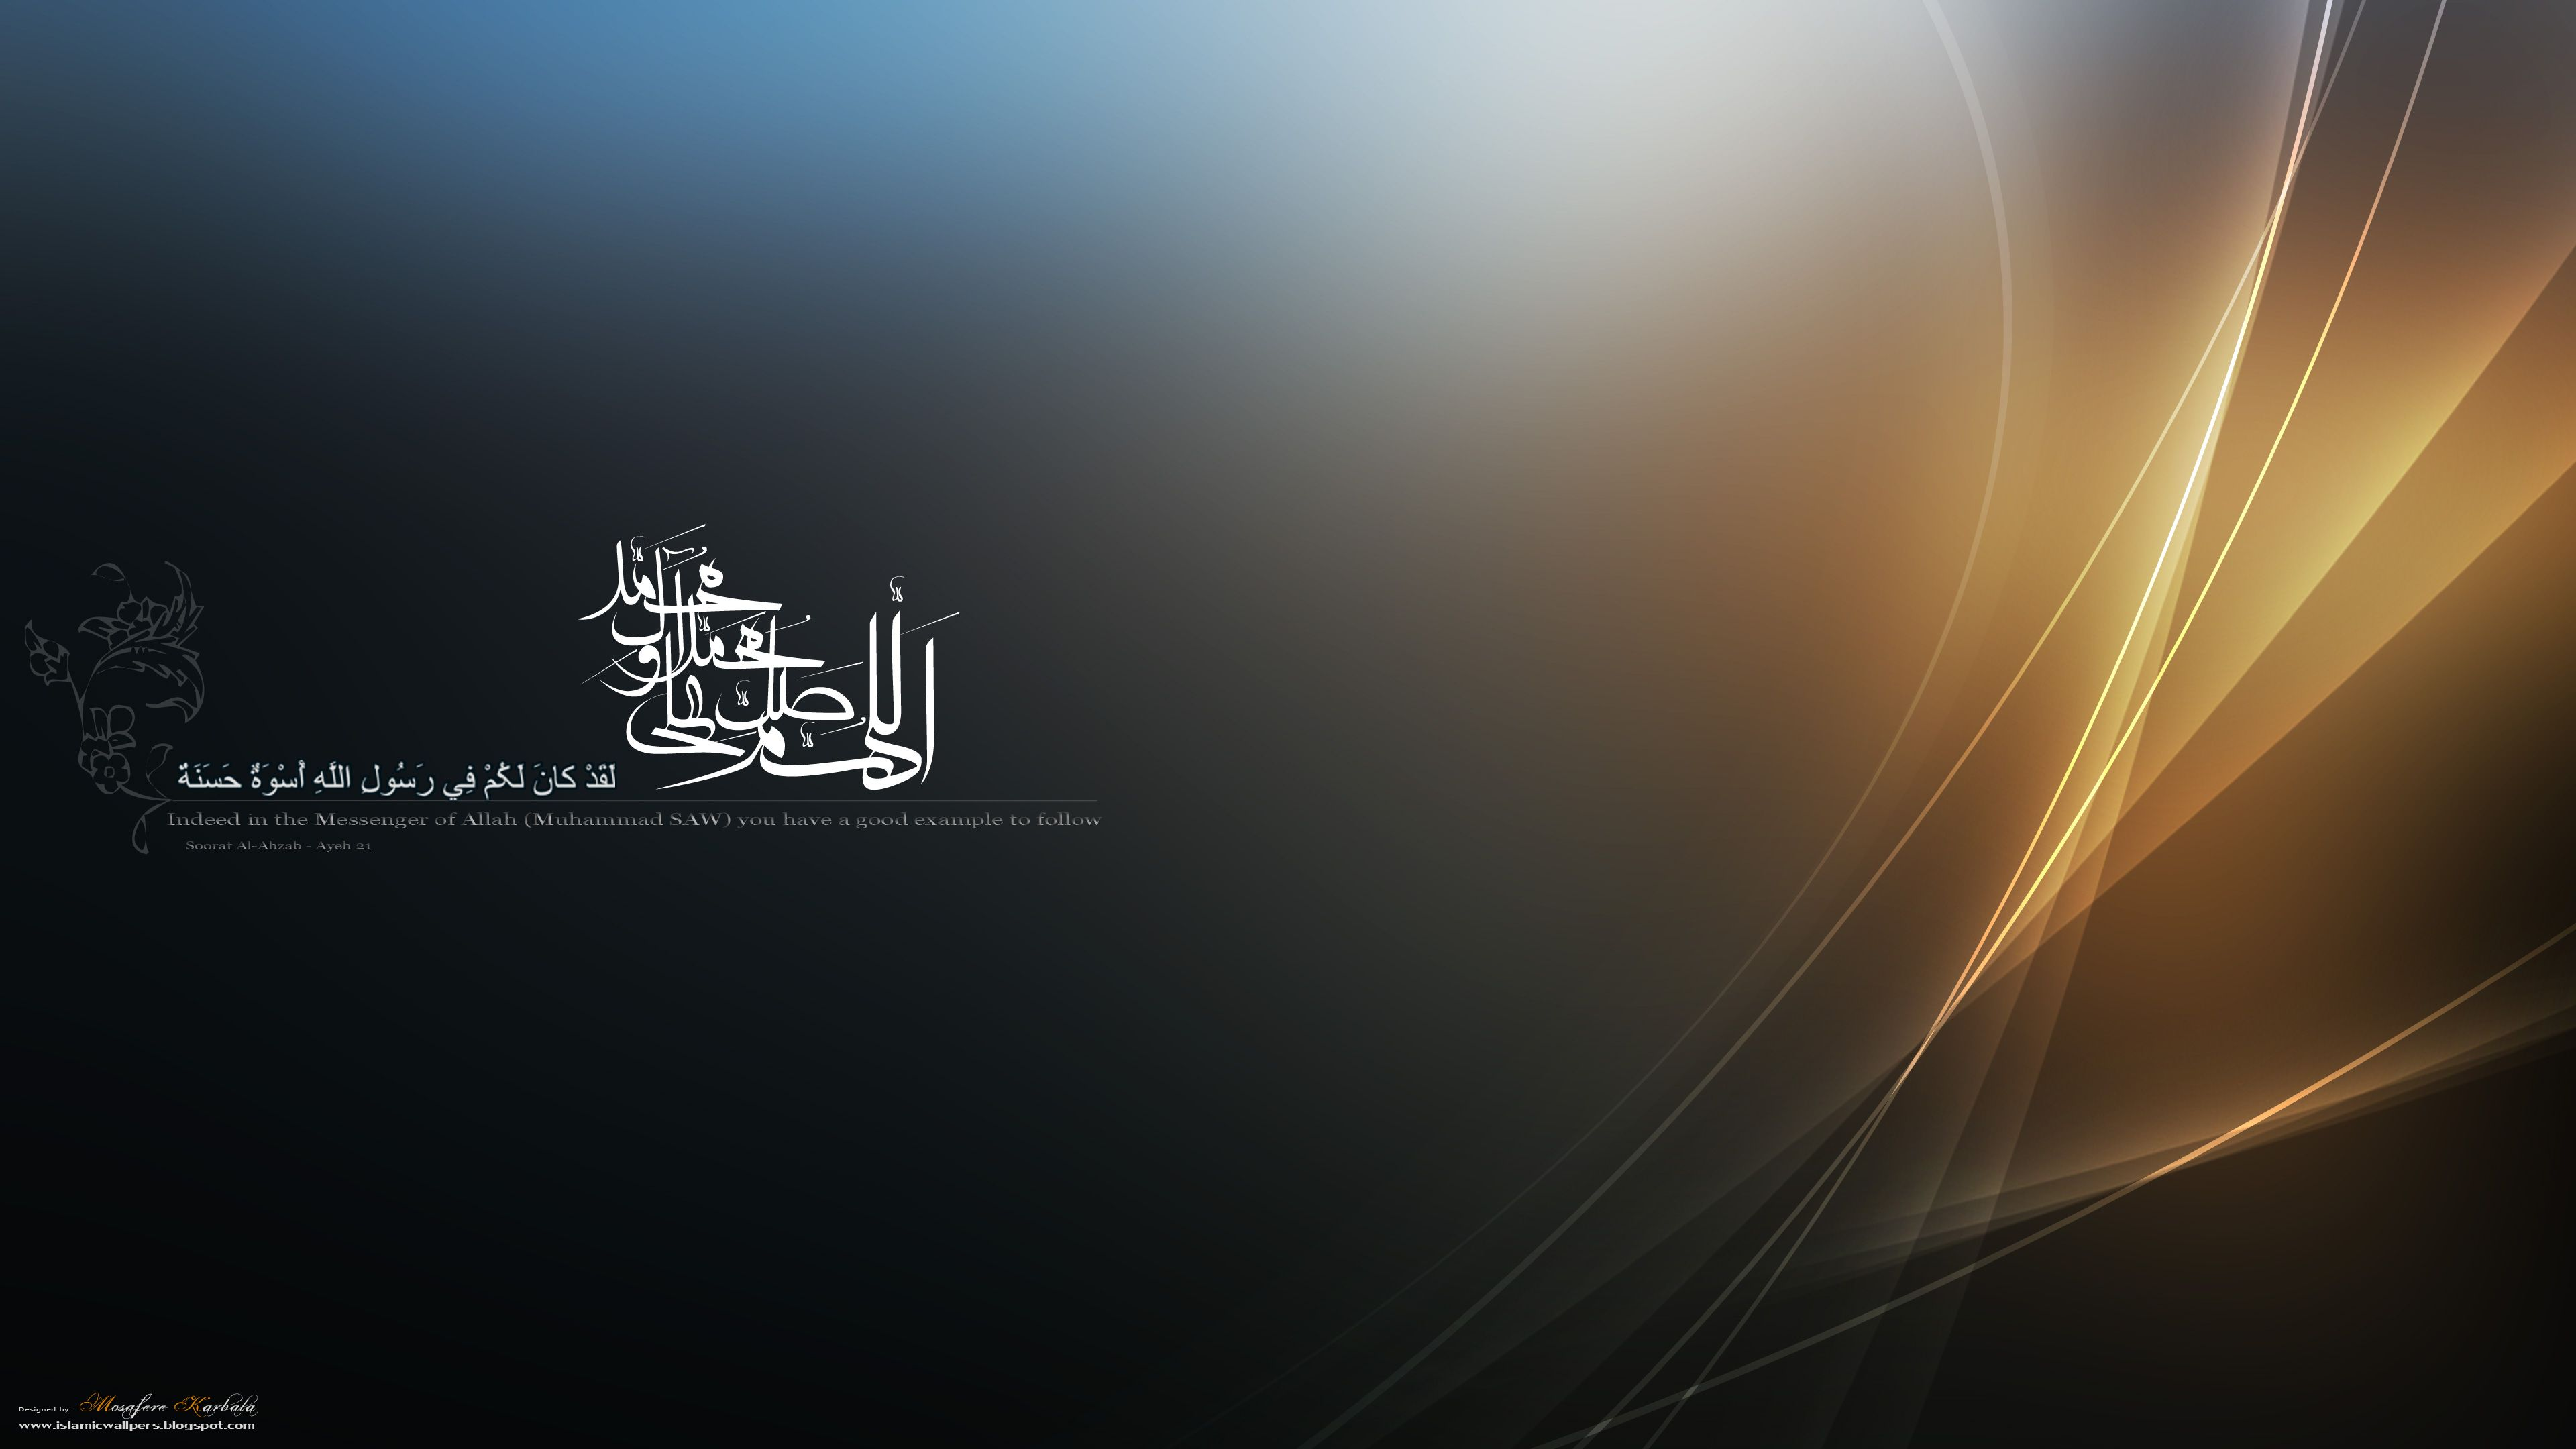 Hình nền Hồi giáo HD 3840x2160, Hình nền Hồi giáo HD đẹp